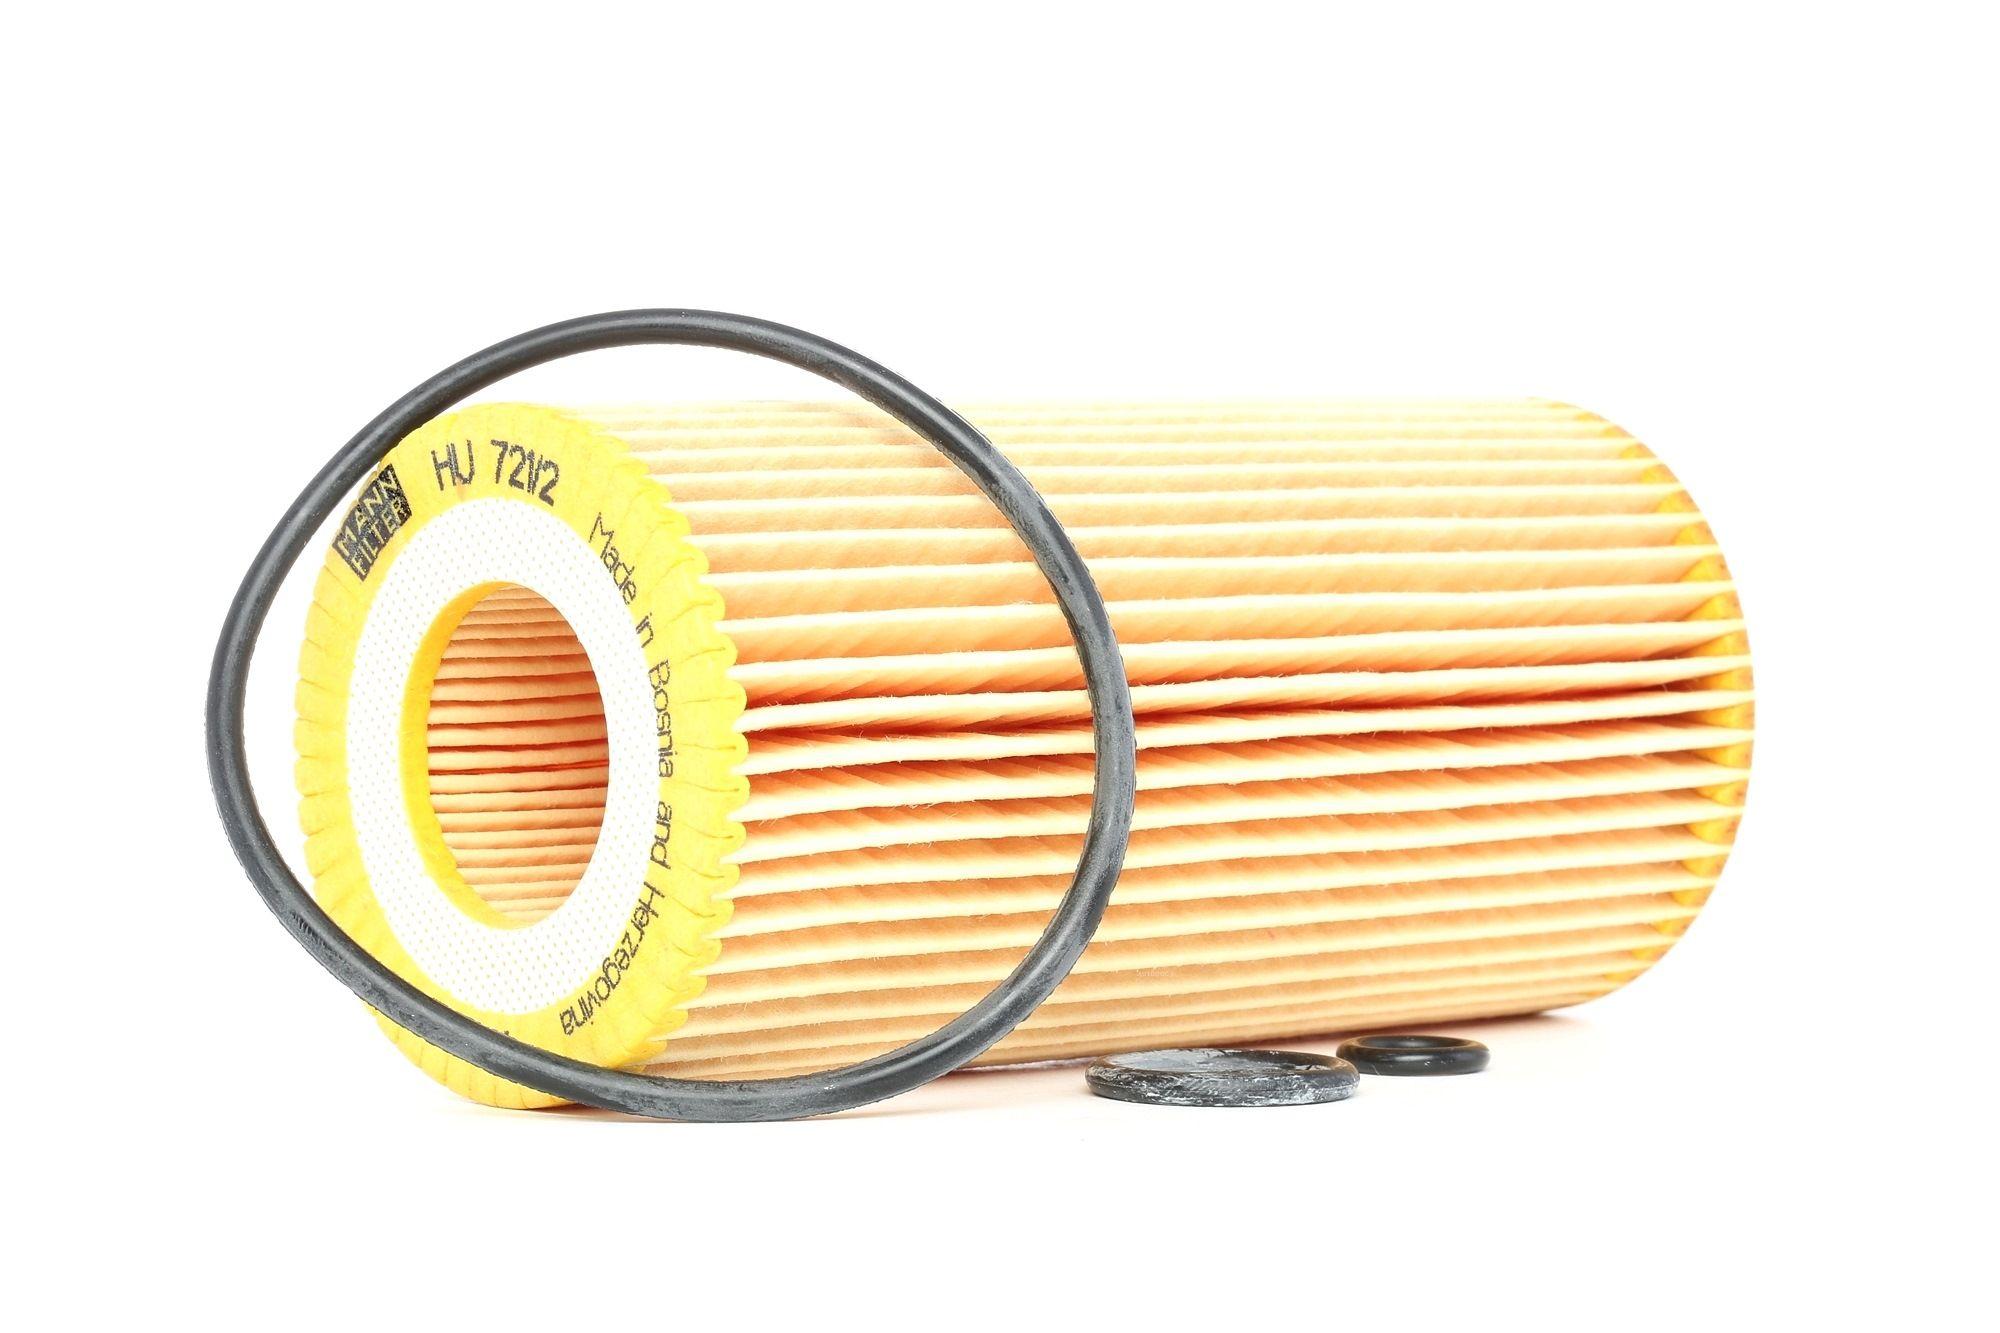 MANN-FILTER: Original Ölfilter HU 721/2 x (Innendurchmesser: 31mm, Innendurchmesser 2: 31mm, Ø: 64mm, Höhe: 135mm)